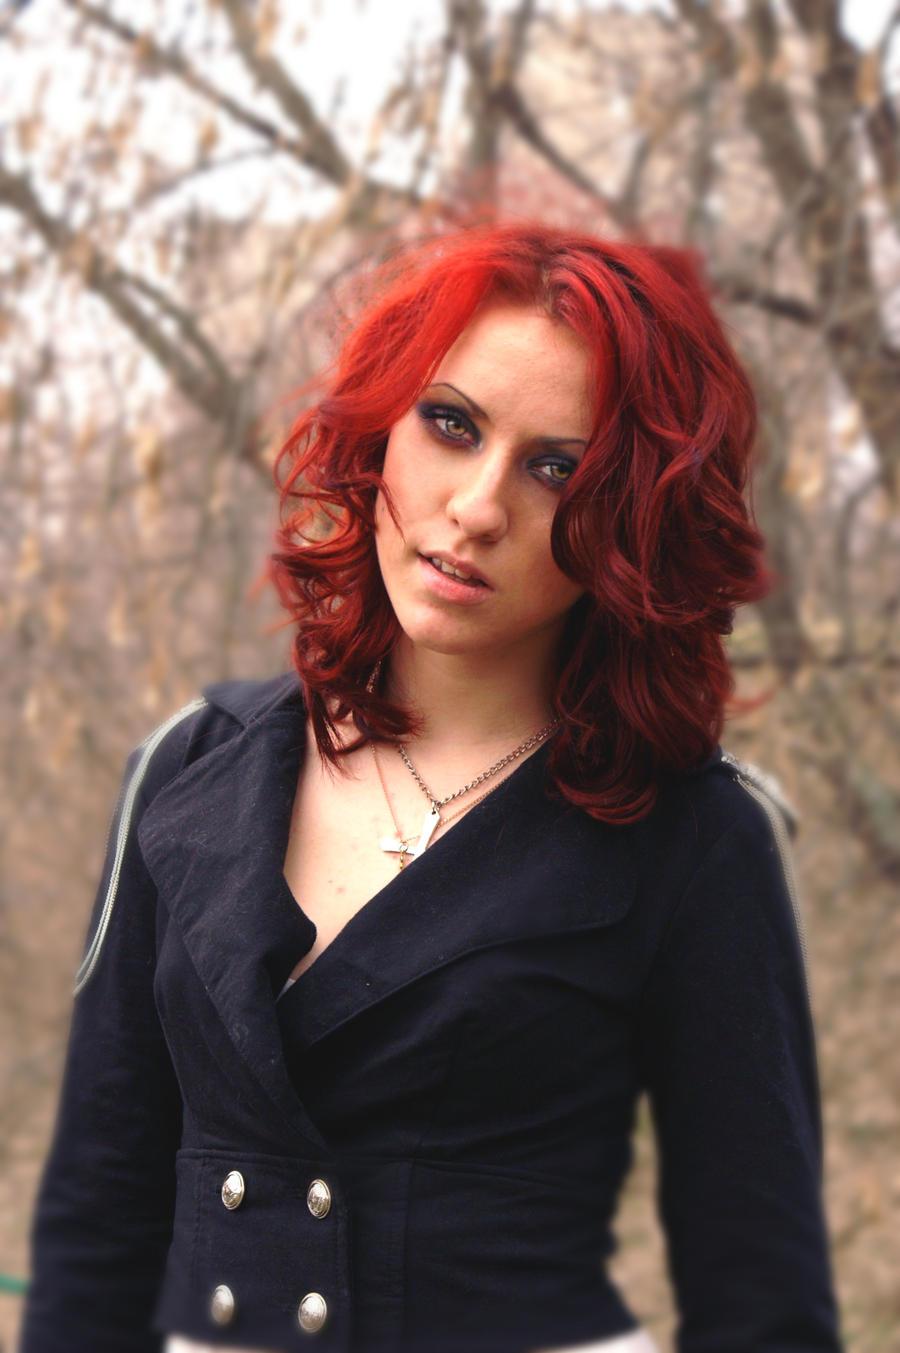 Fennix483's Profile Picture